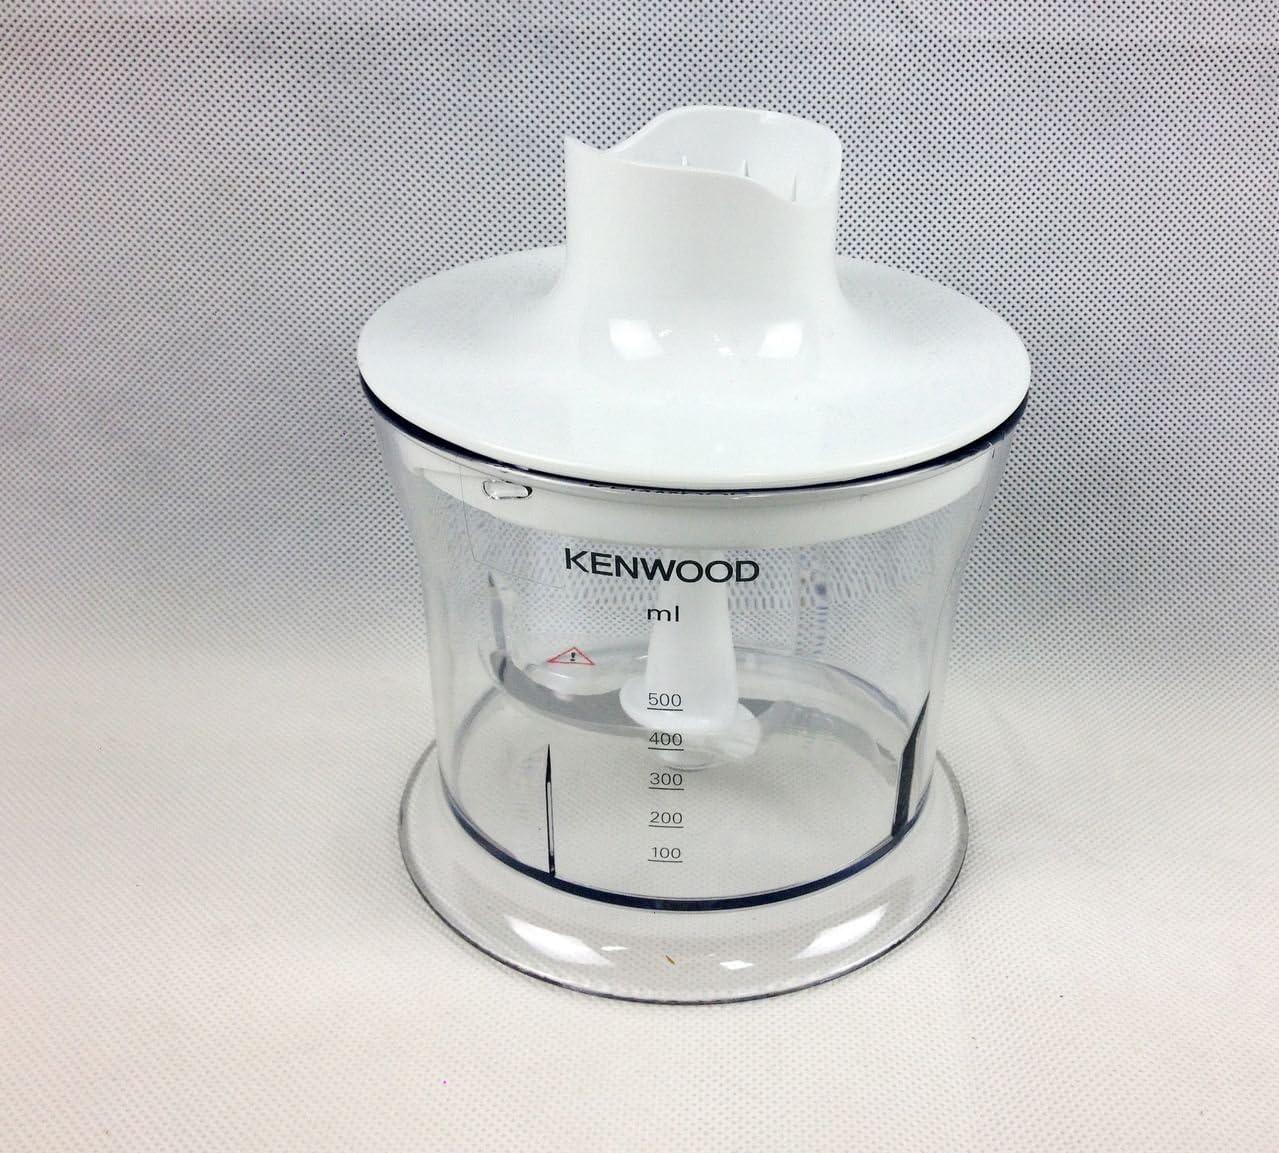 Kenwood - Set de recipiente con tapa y hélice de repuesto para batidoras de inmersión Triblade HB, HBM, HB724,HB720,HB710y HDP 30,40,304y 408